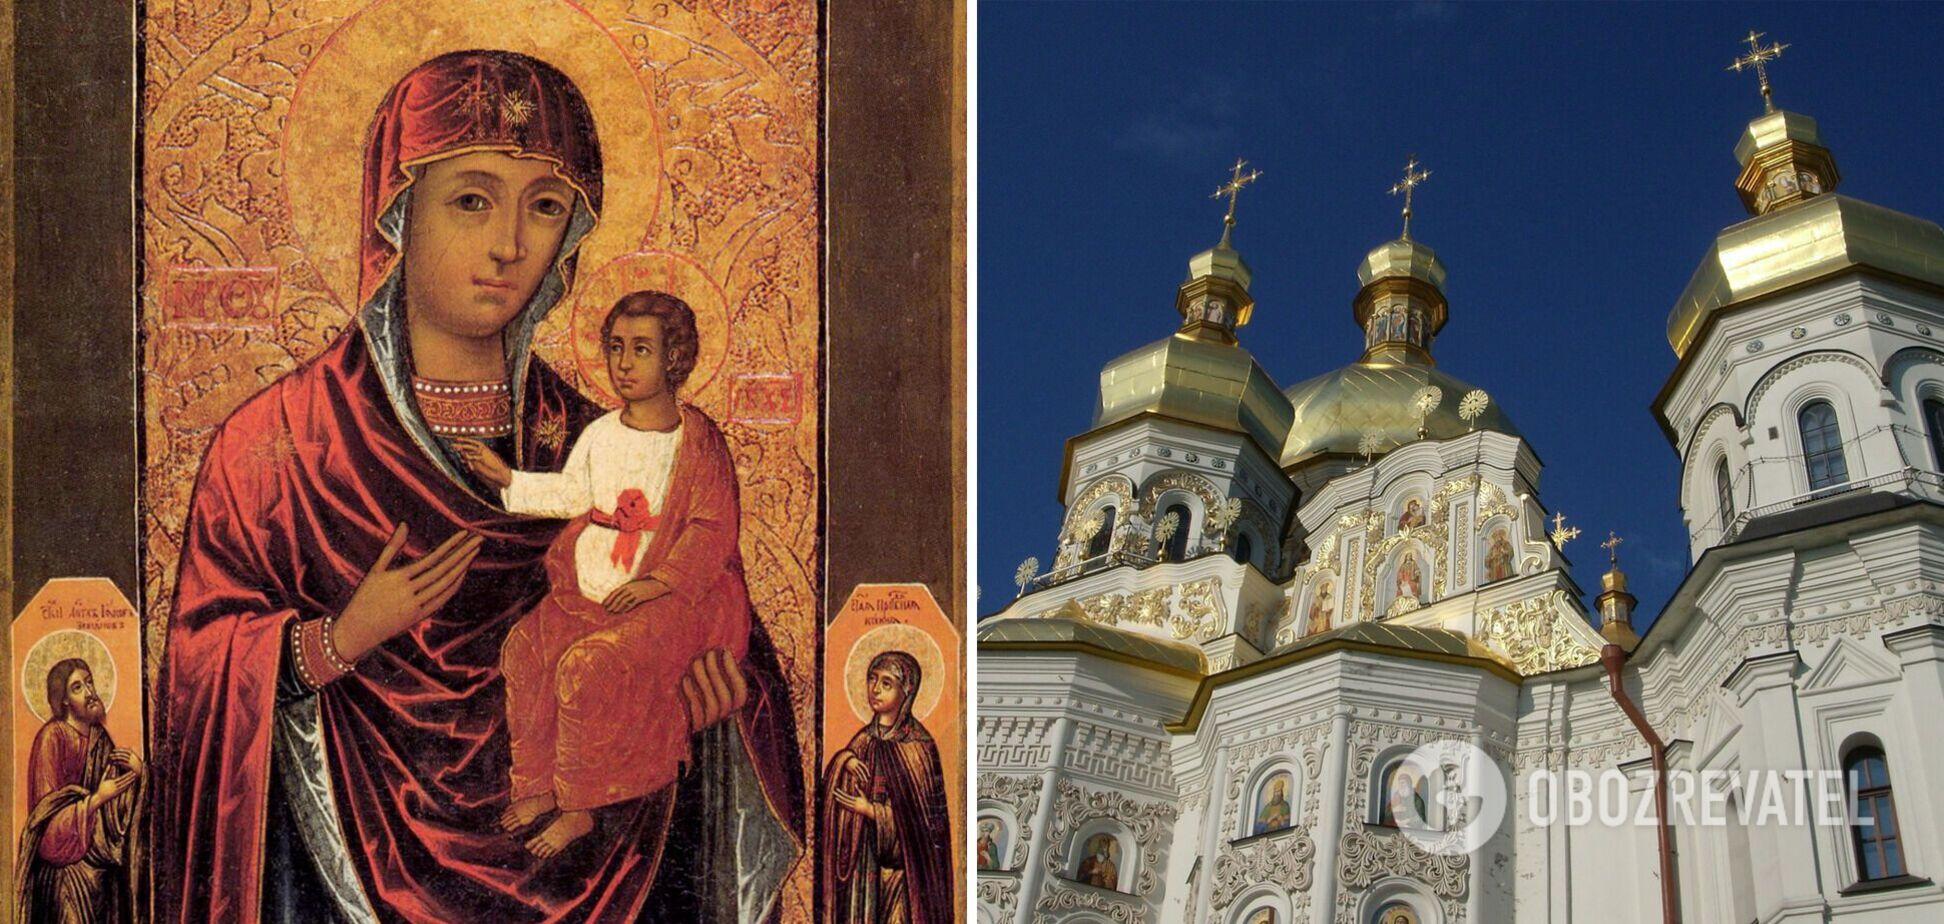 Віленська ікона Божої Матері могла бути написаною за життя Спасителя